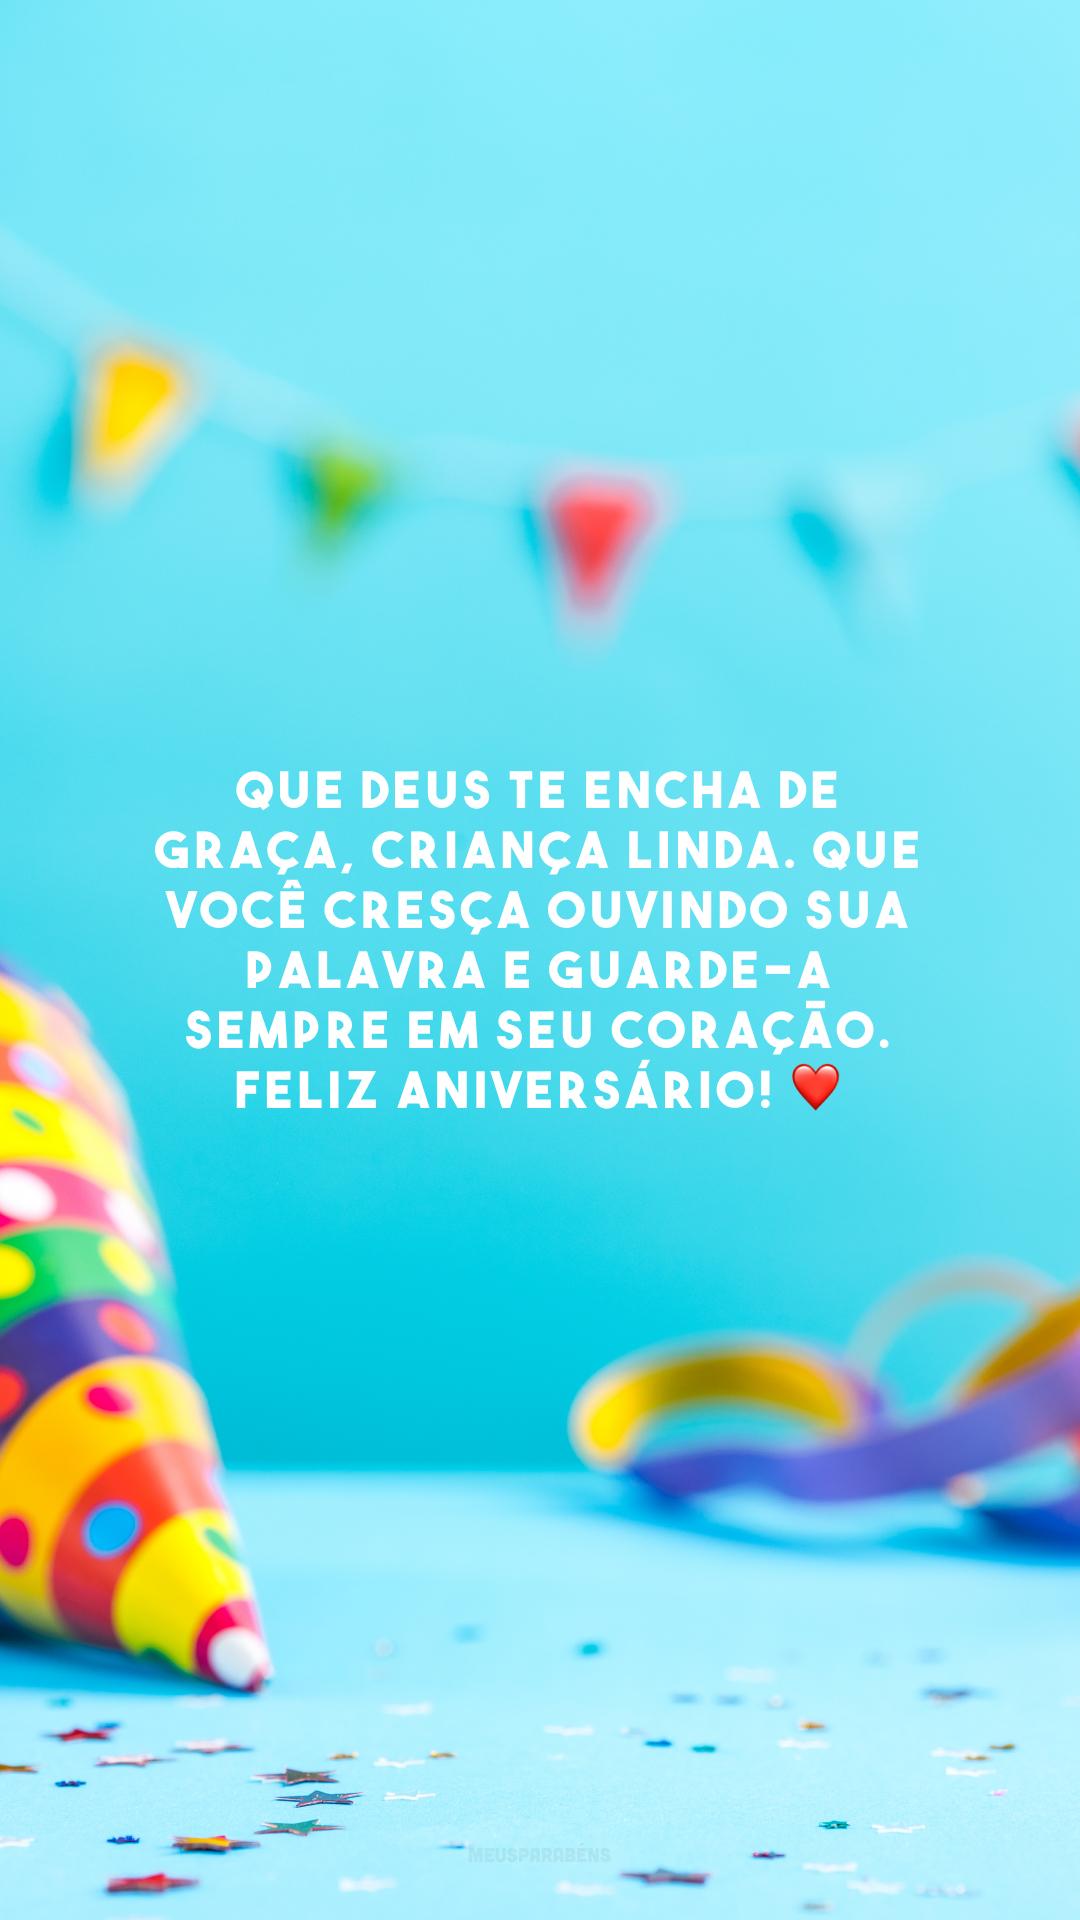 Que Deus te encha de graça, criança linda. Que você cresça ouvindo Sua palavra e guarde-a sempre em seu coração. Feliz aniversário! ❤️